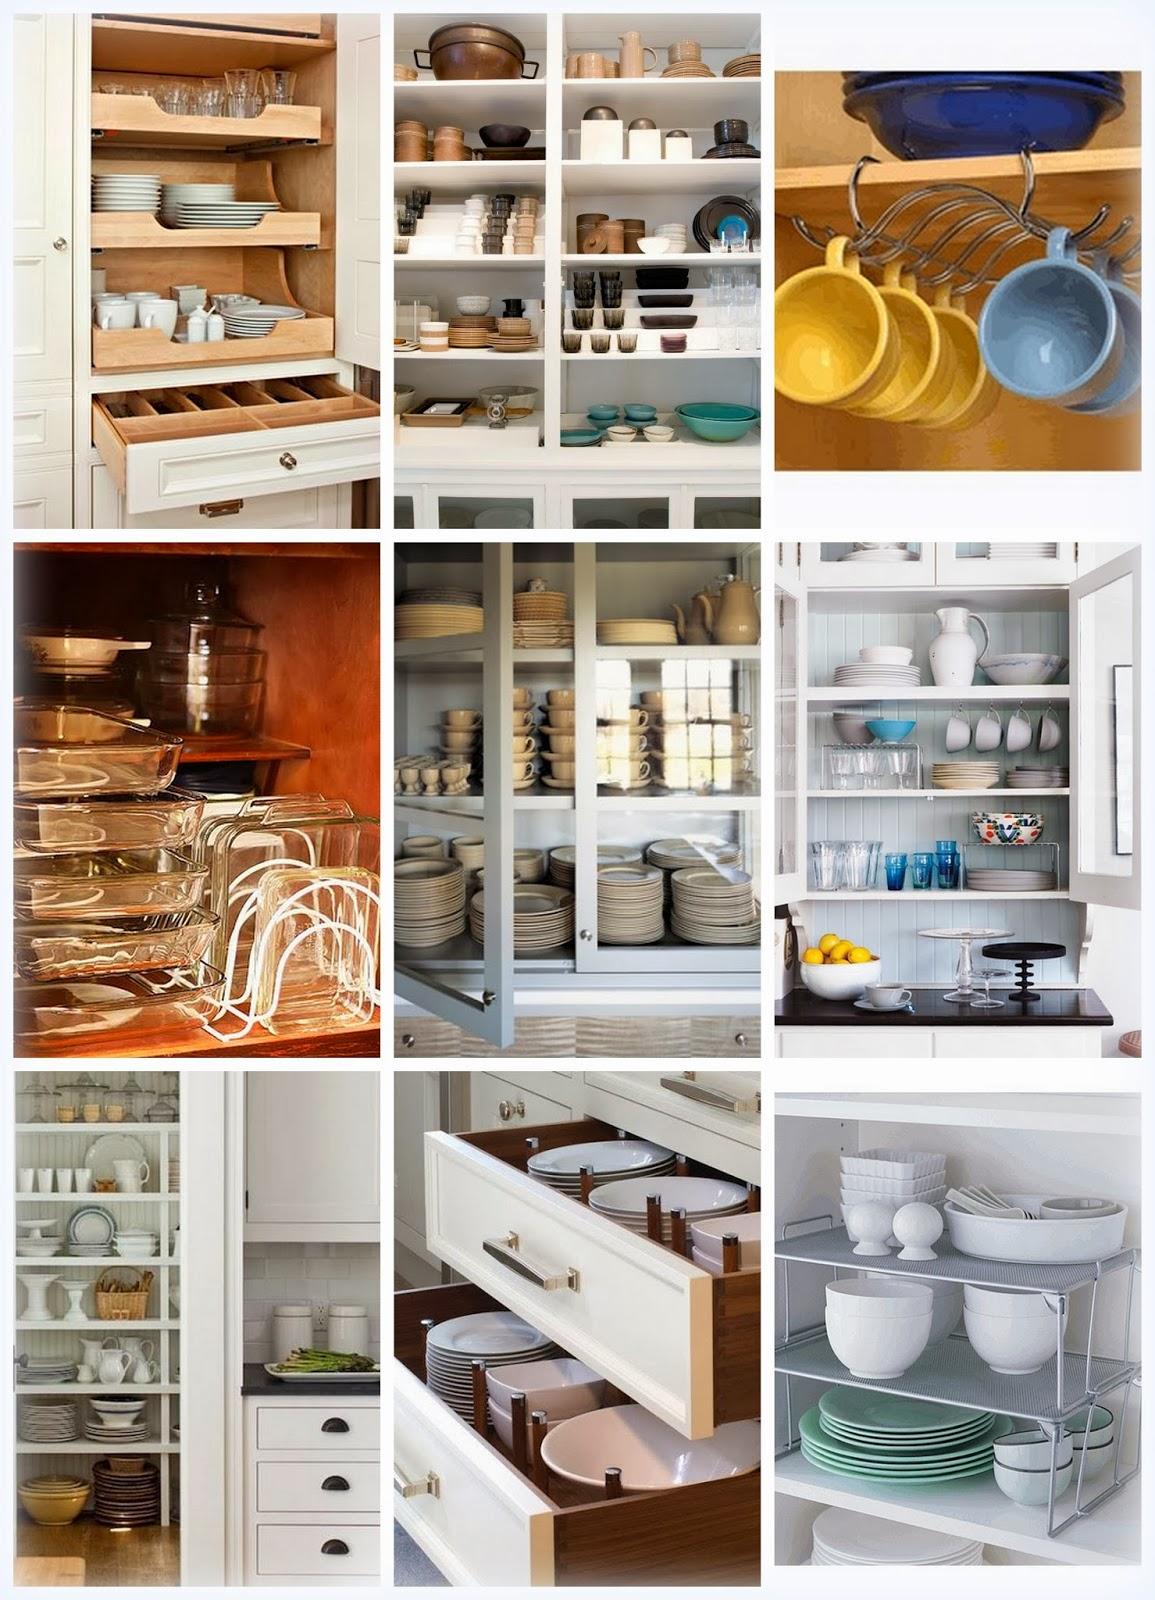 Cozinha bacana como organizar o arm rio de lou as m e bacana - Como organizar armarios ...